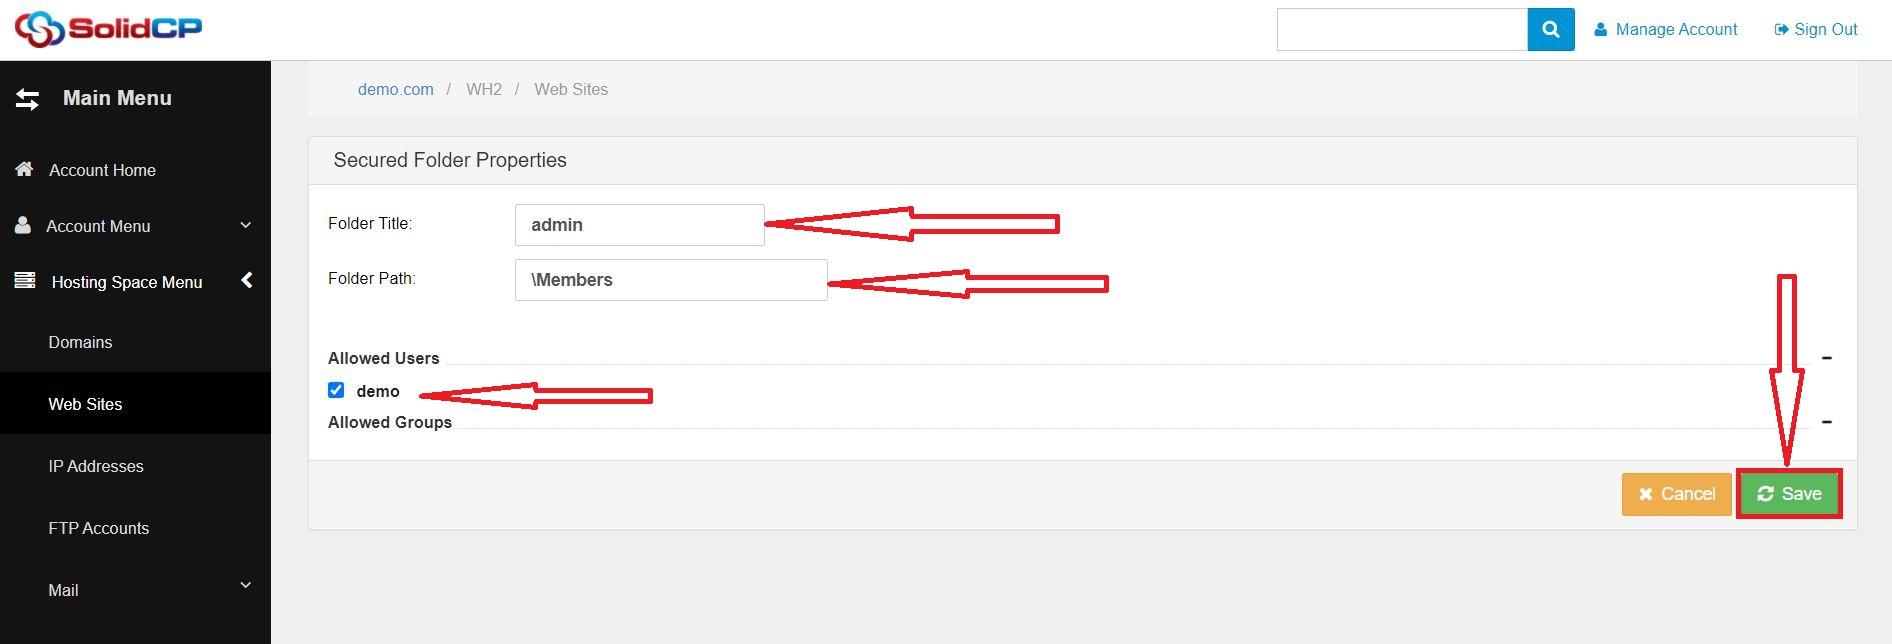 ایجاد Secured Folders در SolidCP هاست ویندوز